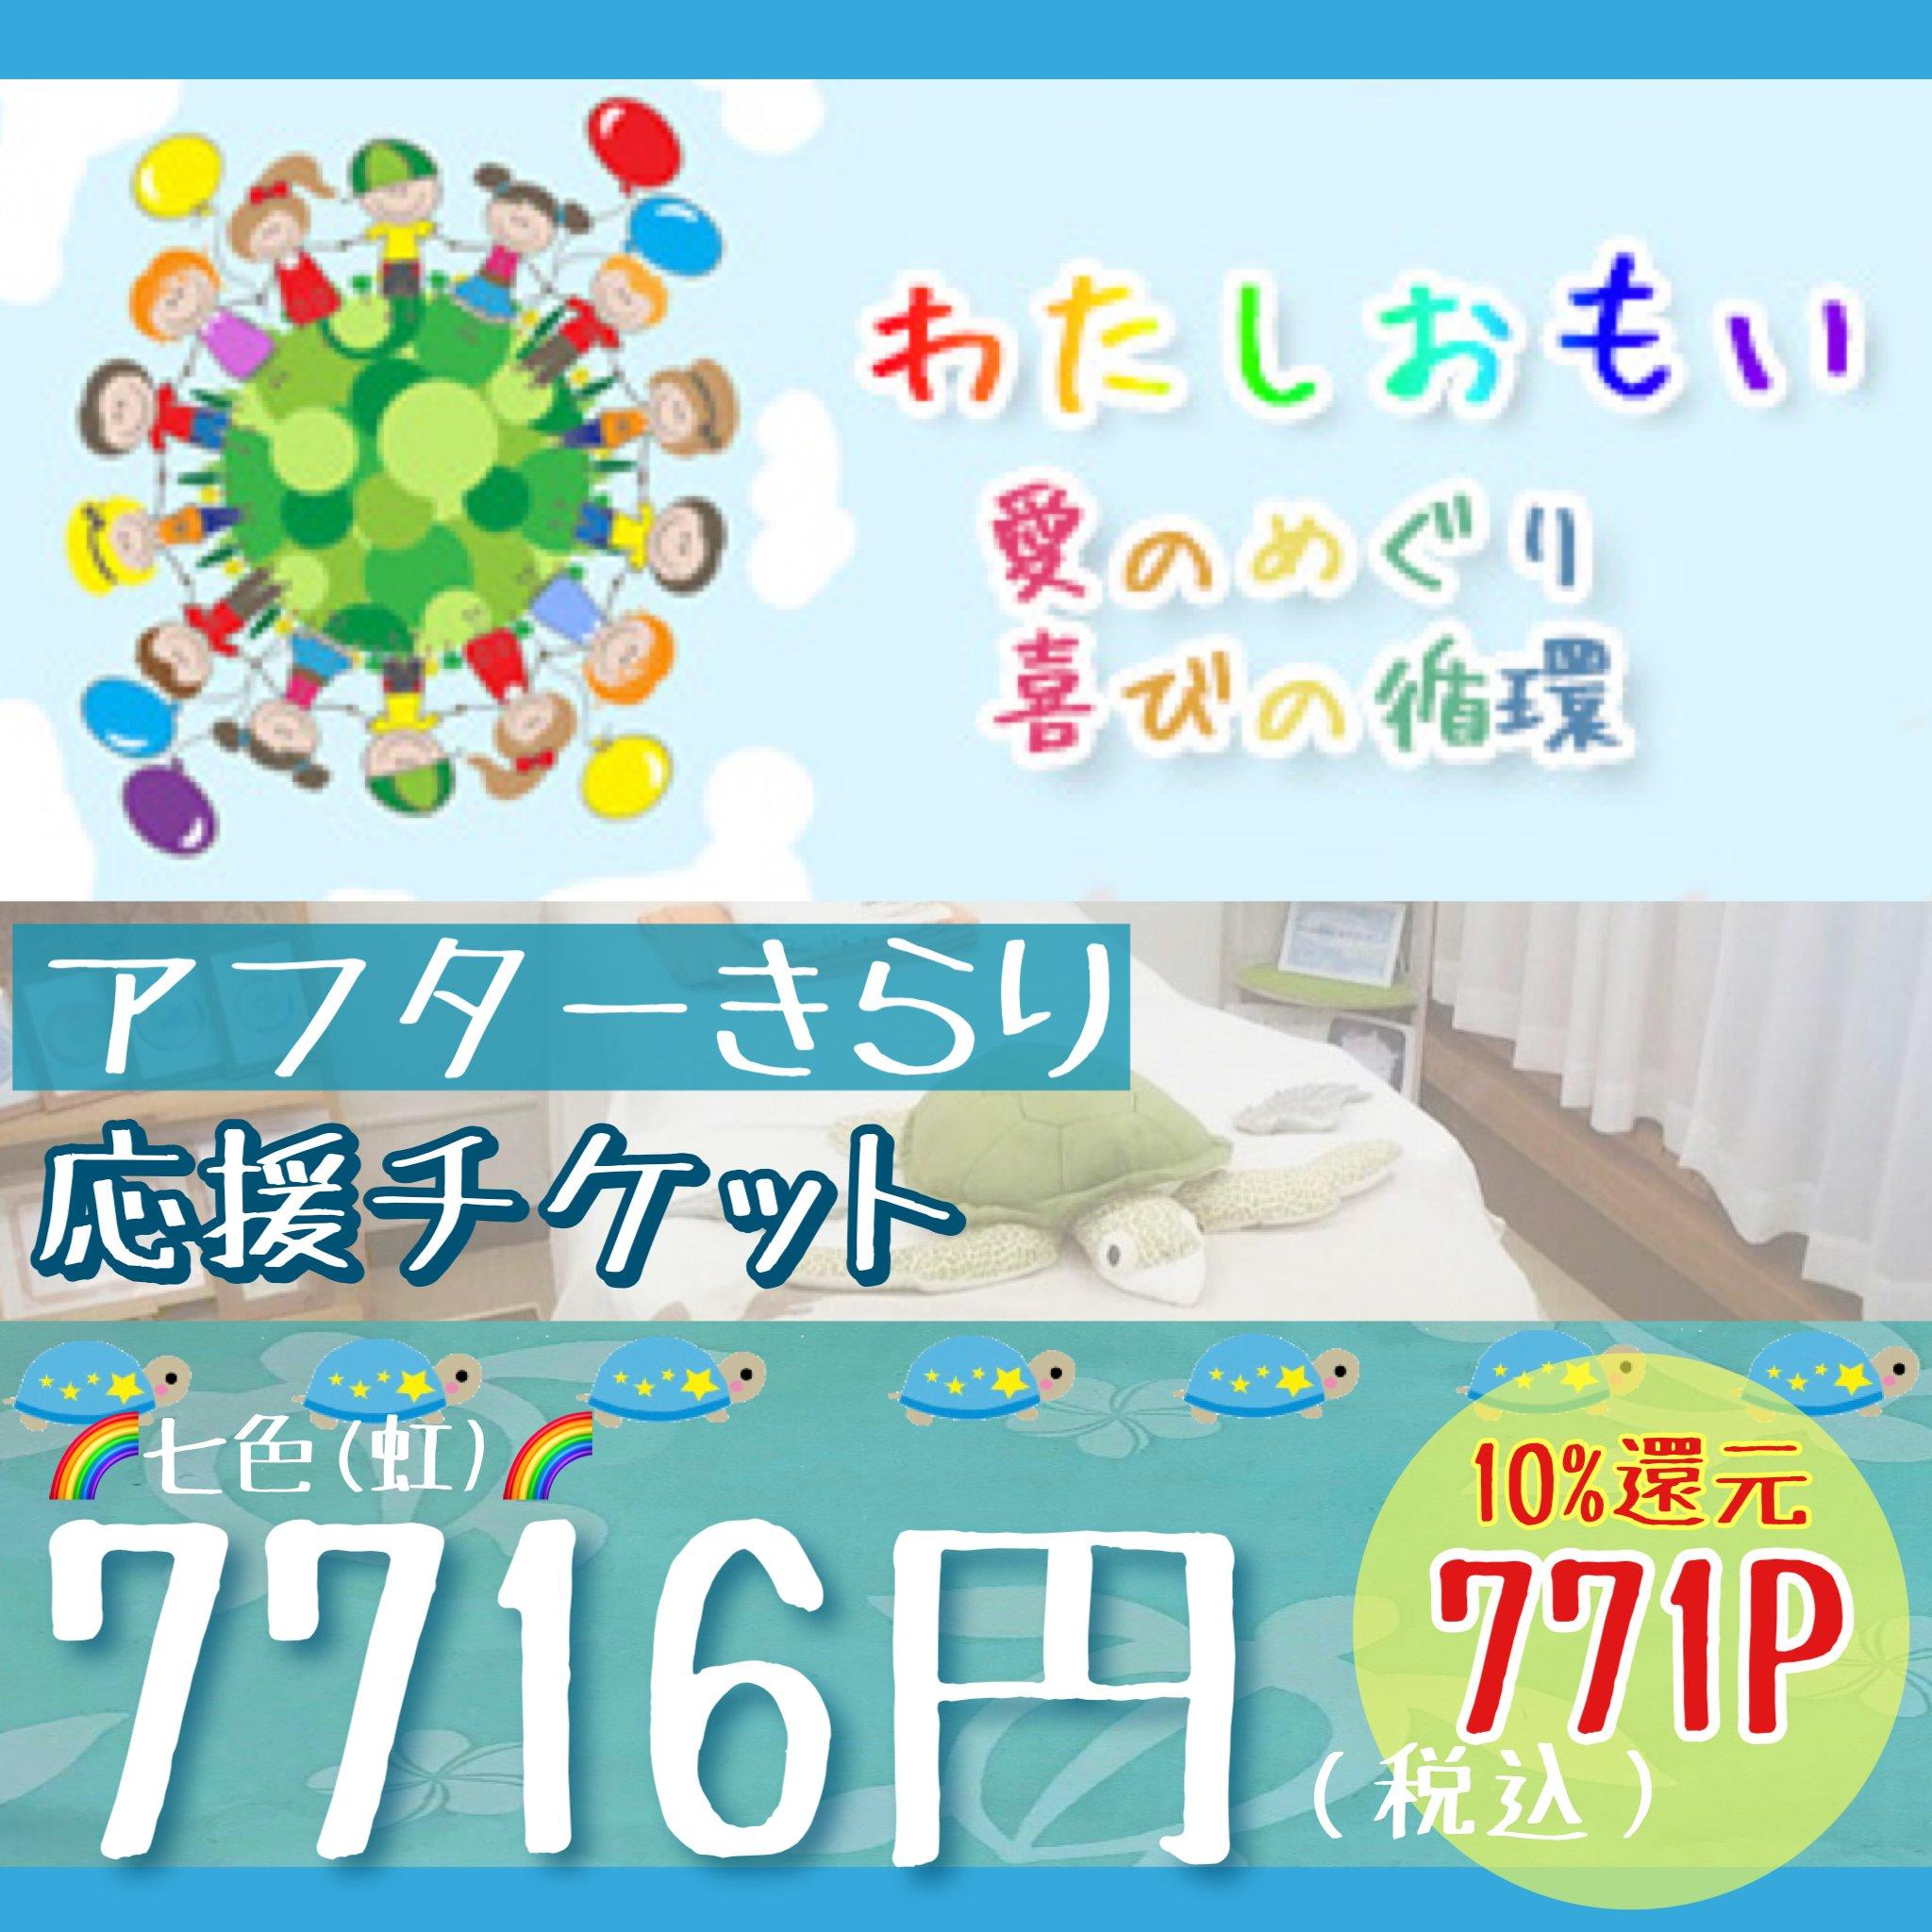 【七色(虹)】わたしおもい『愛のめぐり喜びの循環』アフターきらり応援チケットのイメージその1